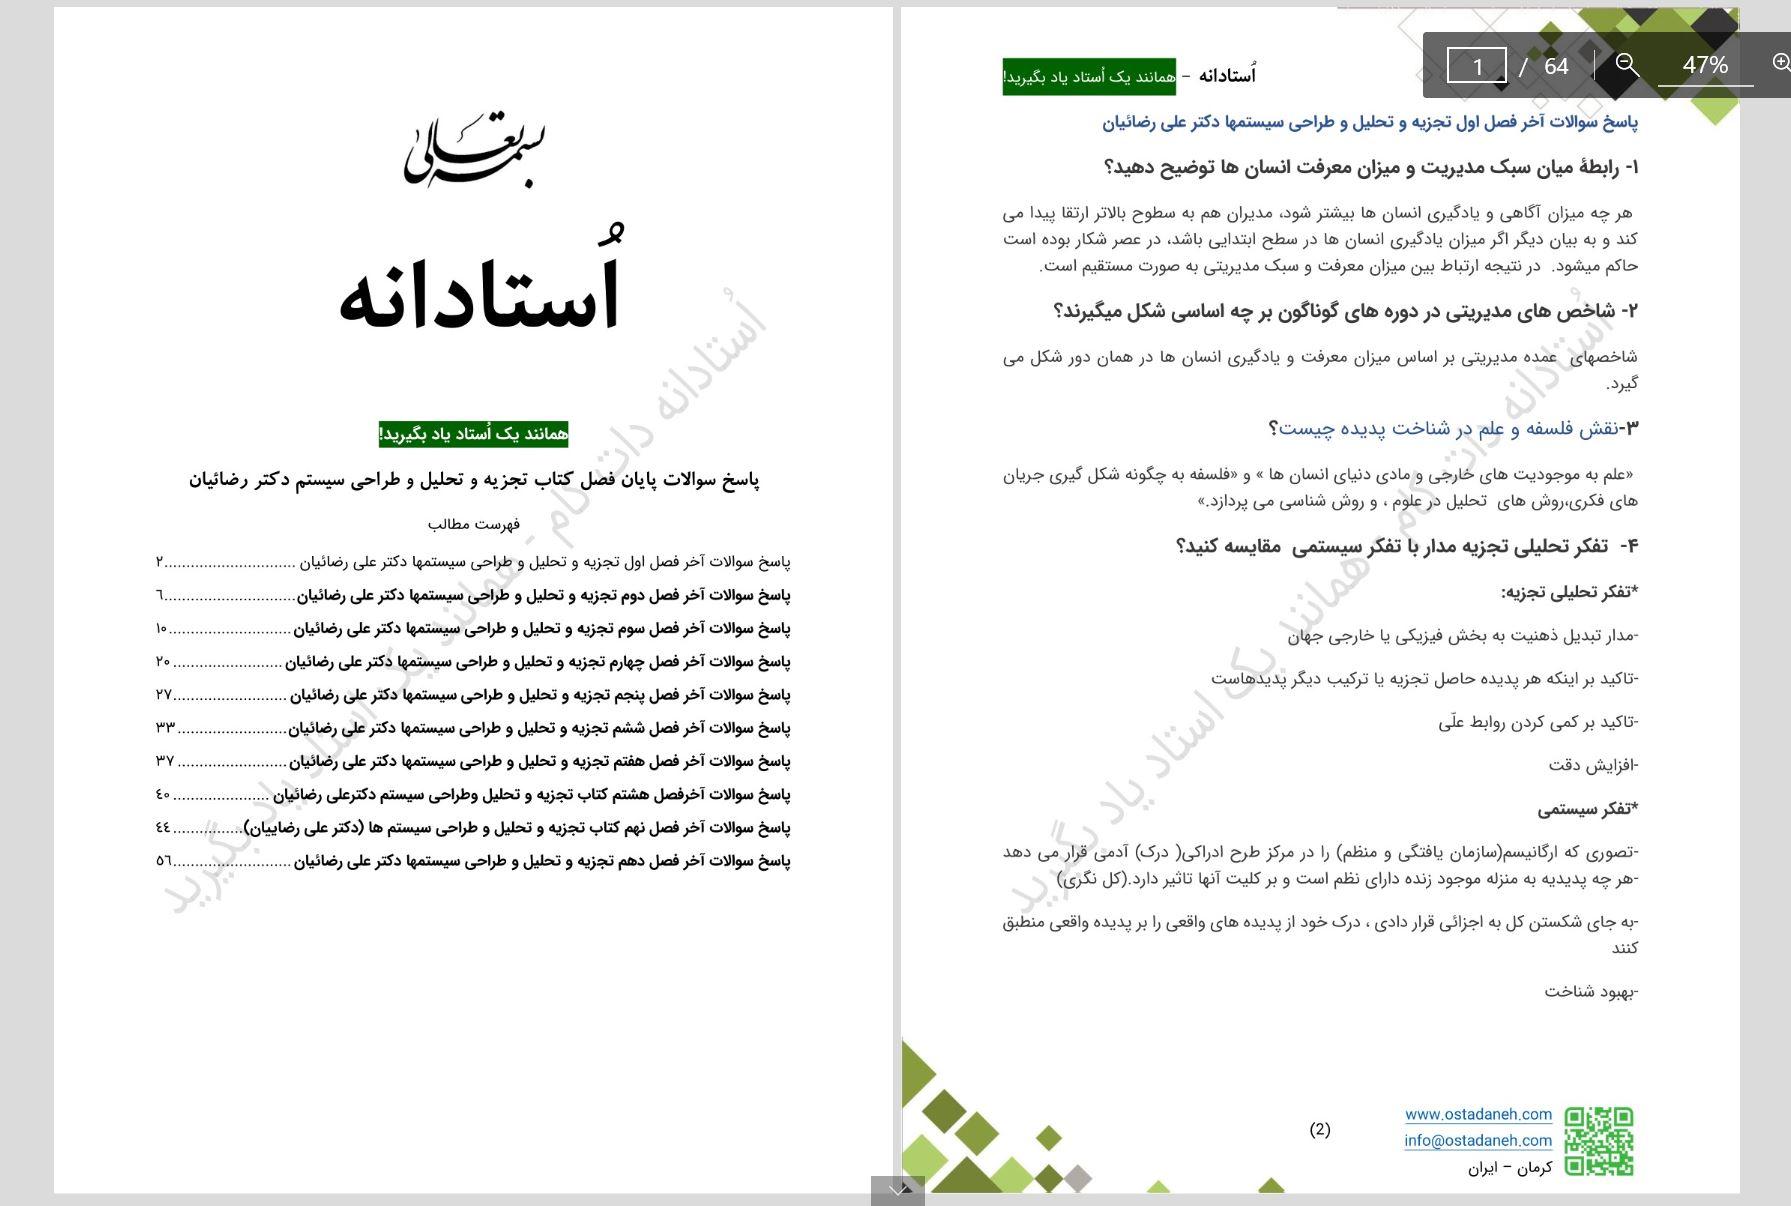 پاسخ سوالات پایان فصل کامل کتاب تجزیه و تحلیل و طراحی سیستم دکتر علی رضائیان